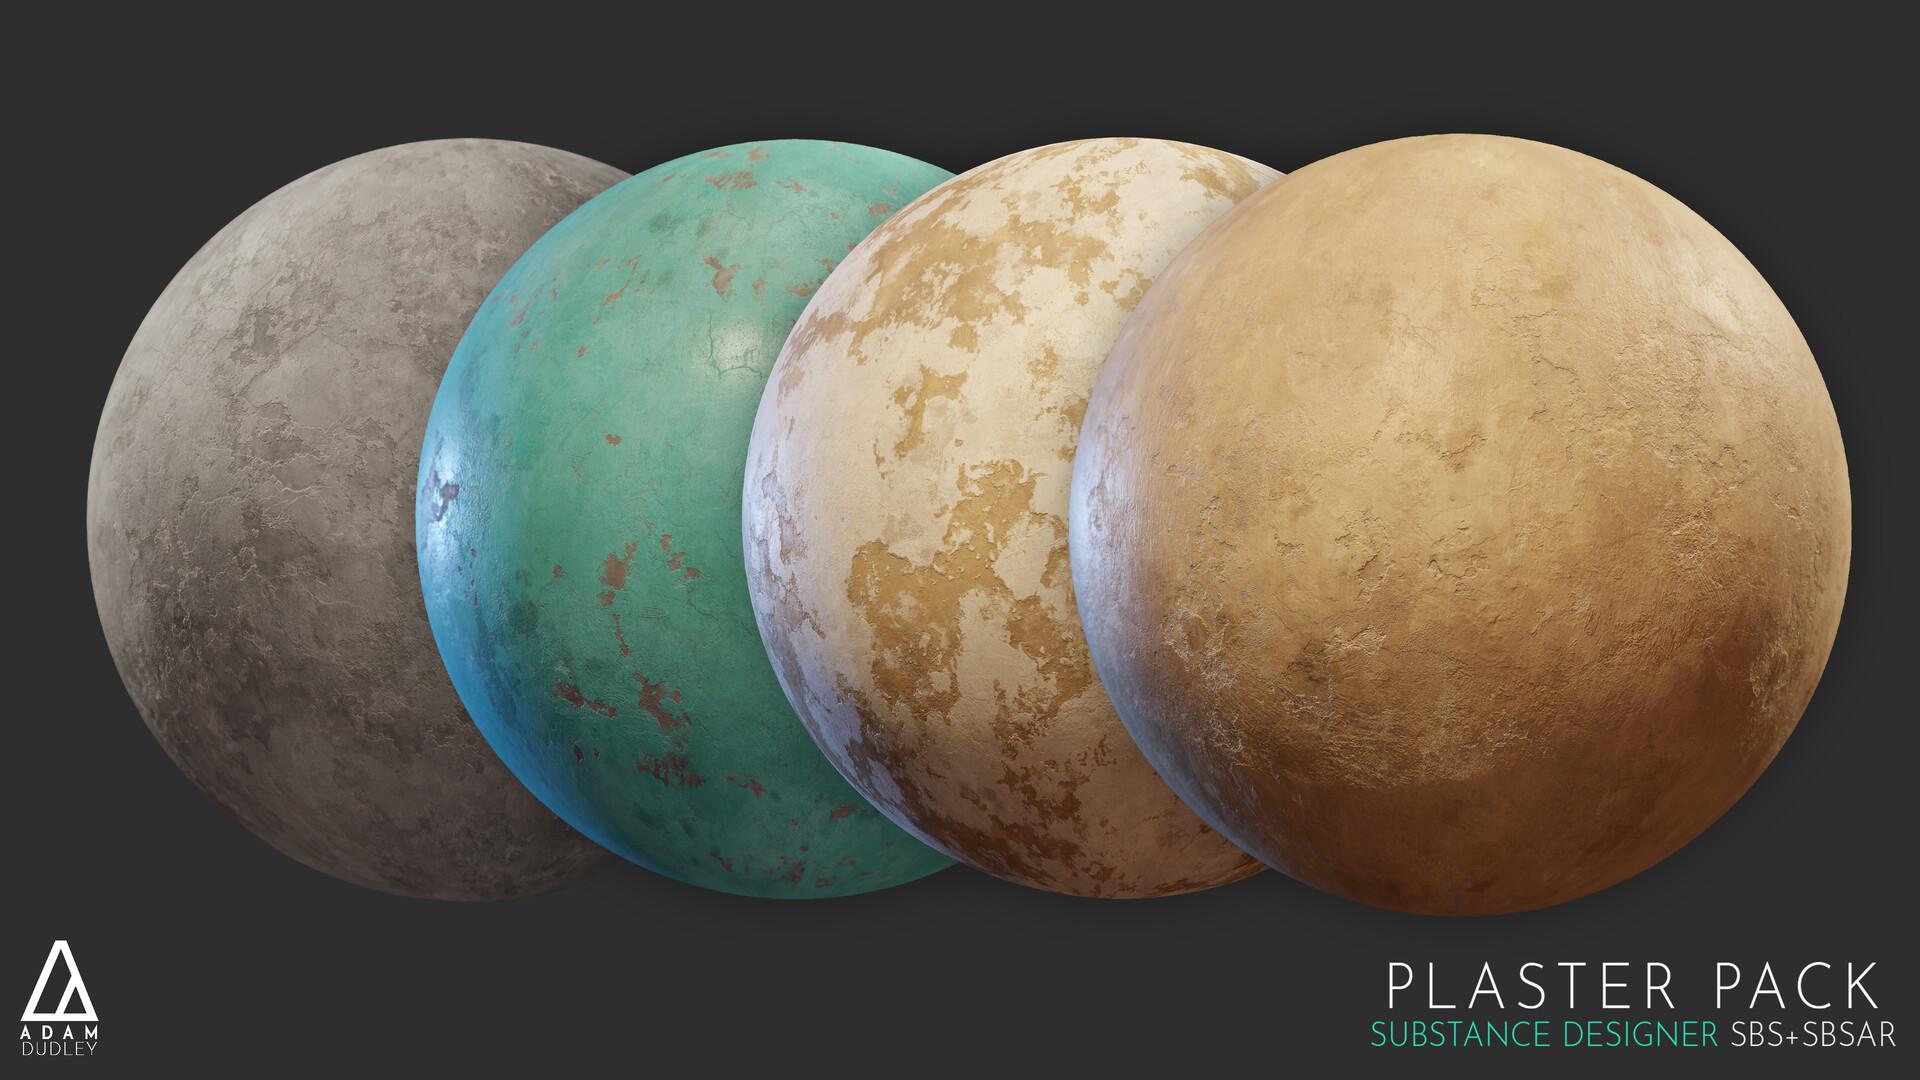 Adam dudley x plasterpack spheres 01